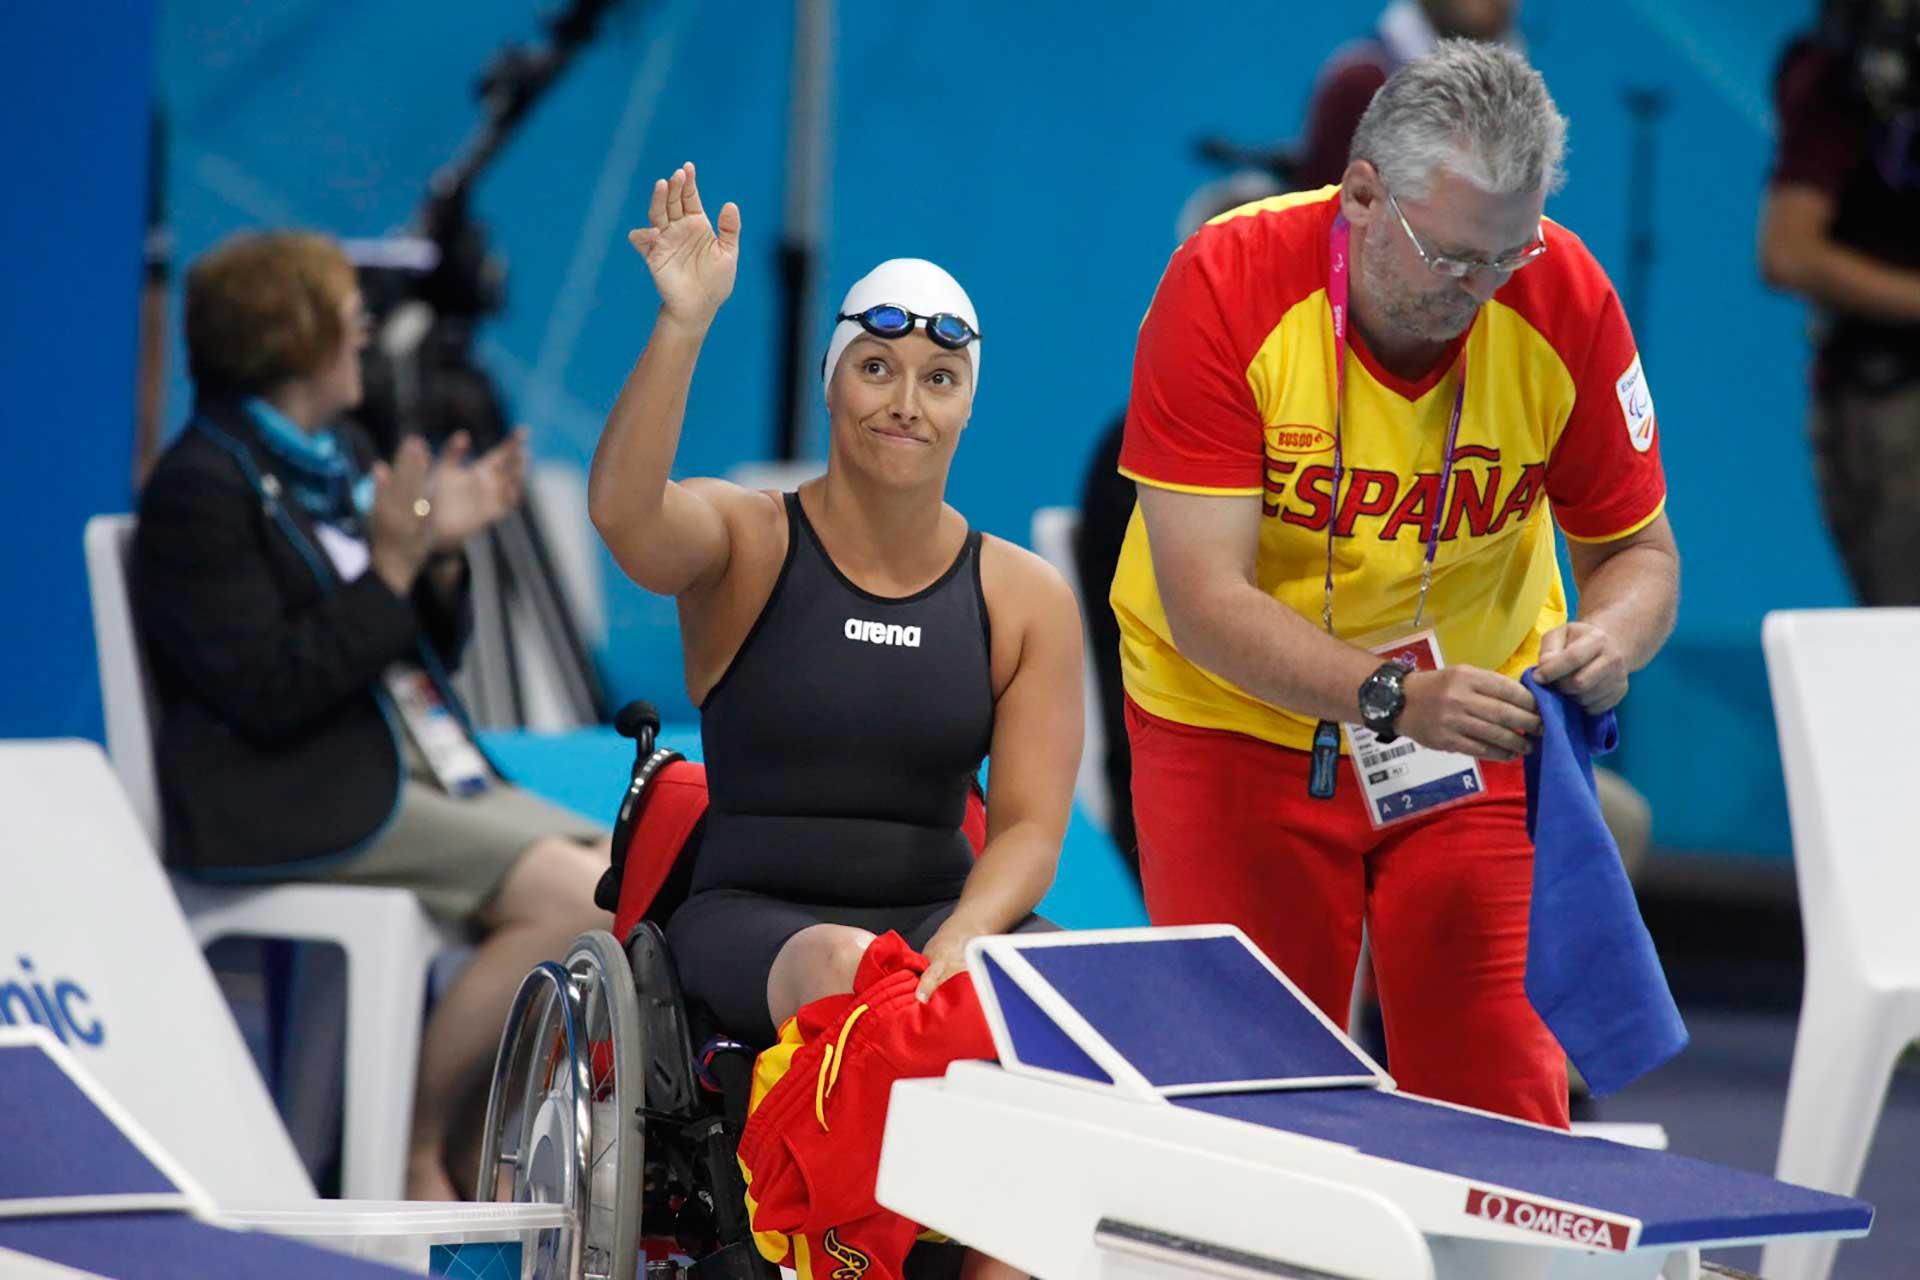 Las 10 héroes del deporte paralímpico a seguir en los Juegos que comienzan  esta semana - Infobae